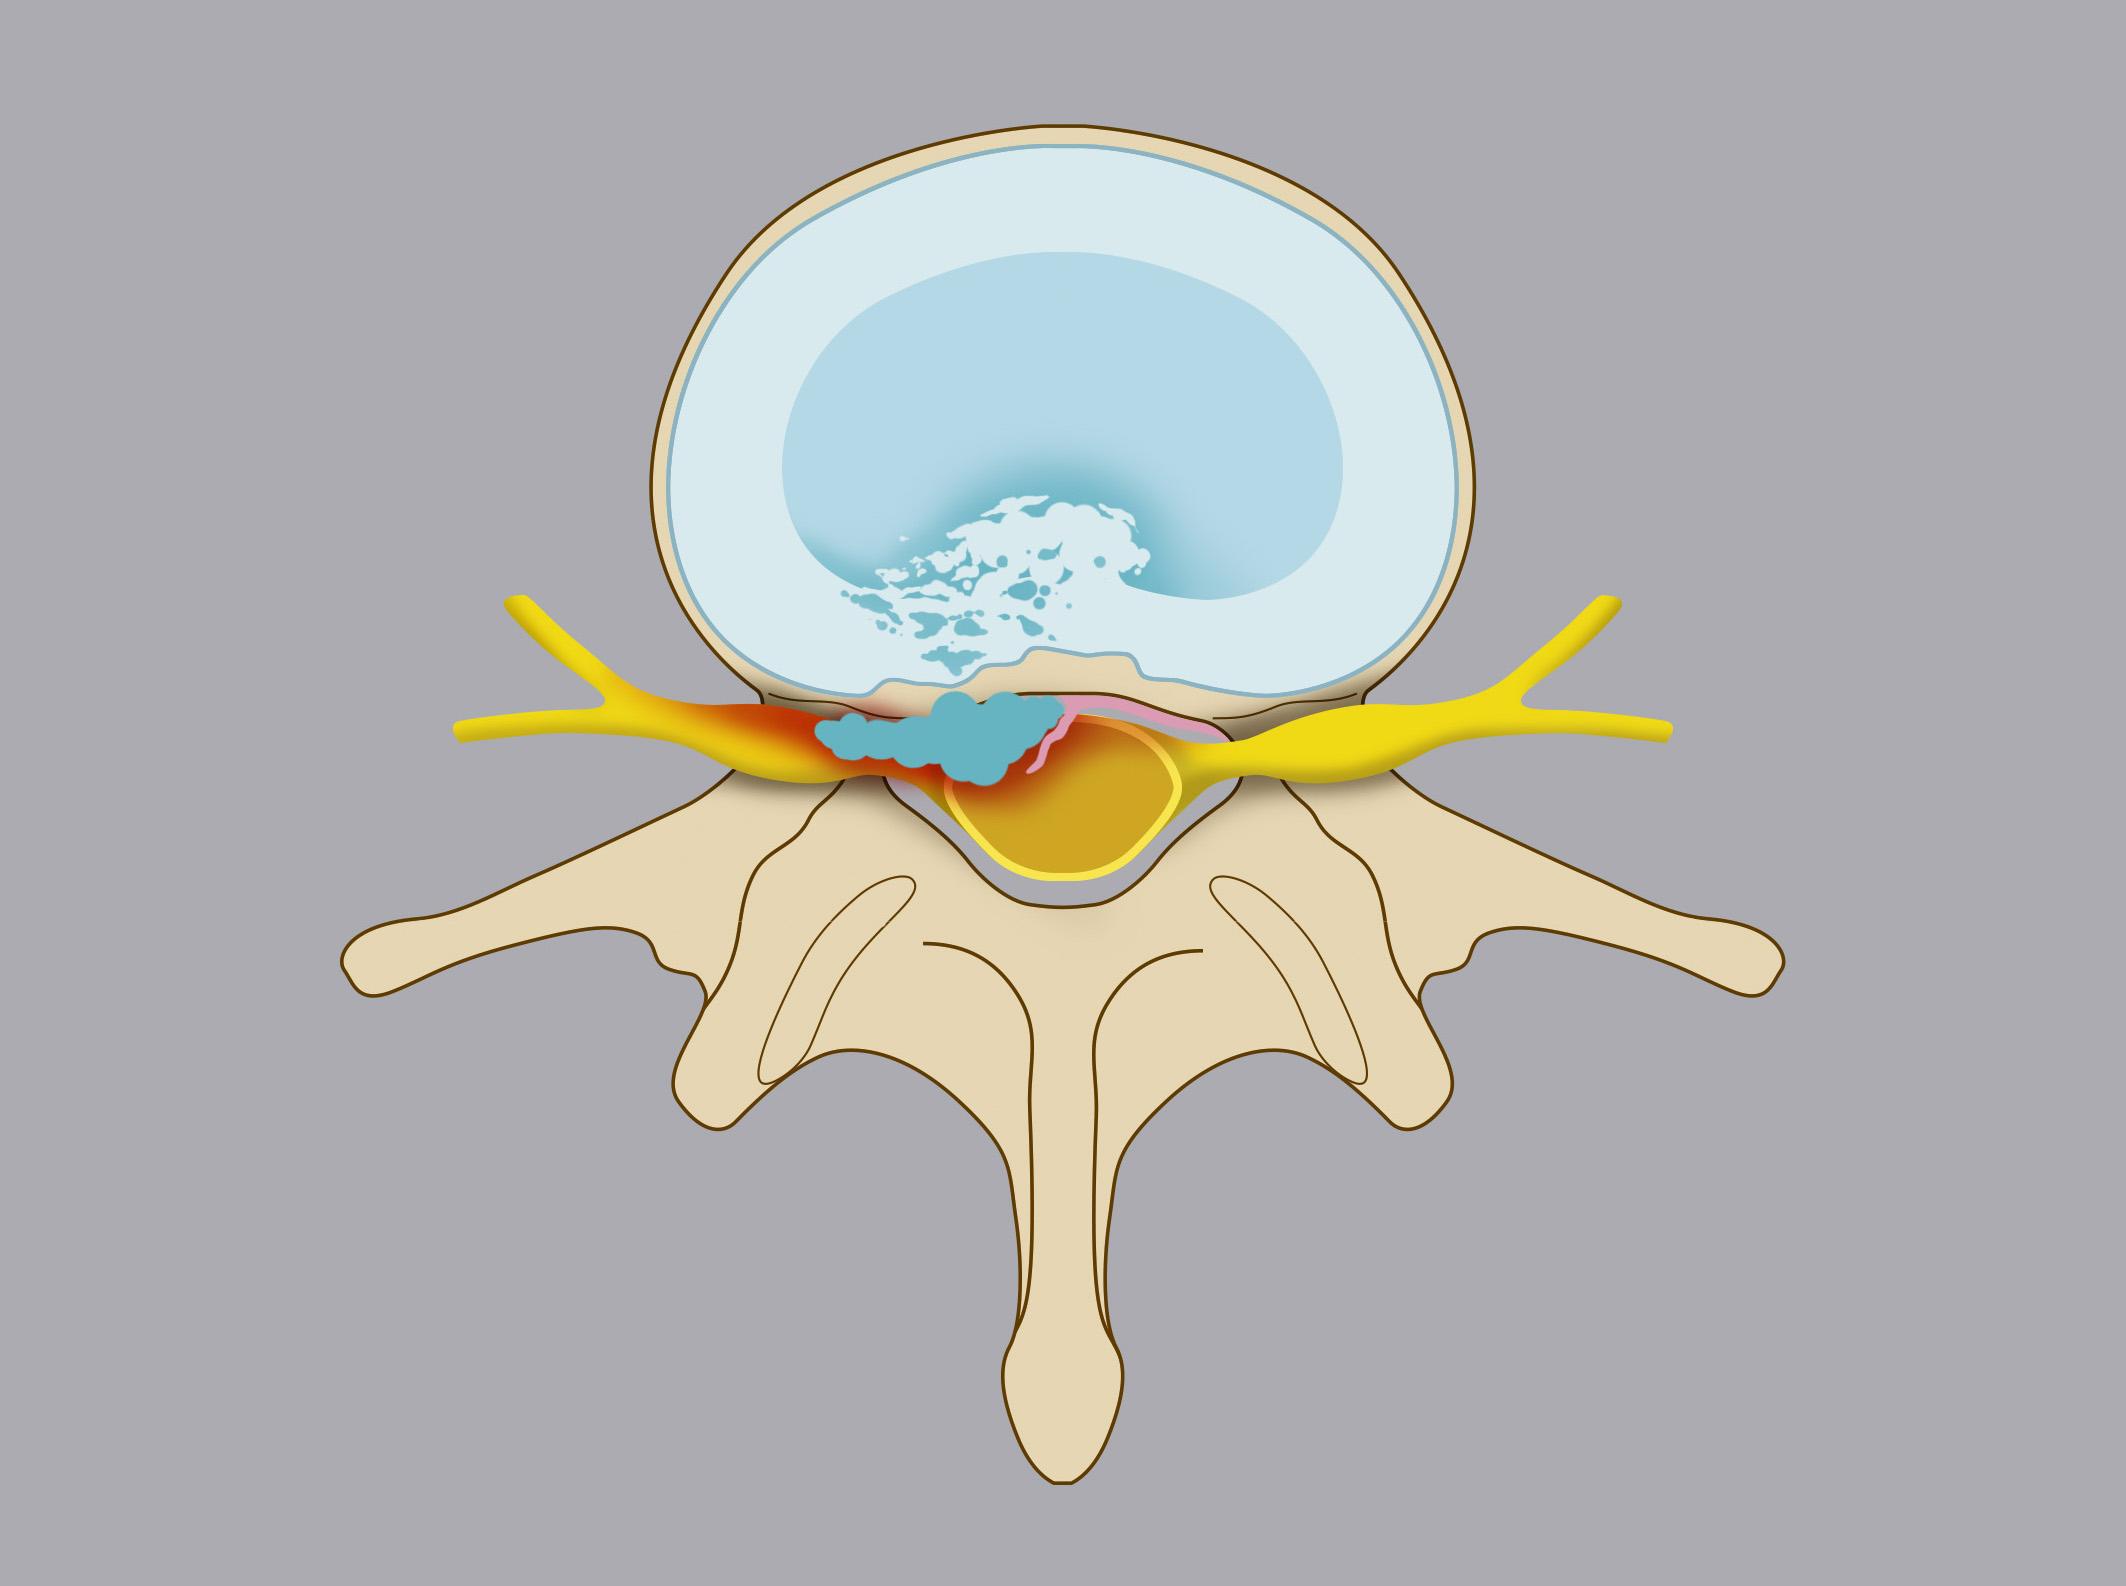 Ernia espulsa. Il nucleo polposo si distacca e fuoriesce dal disco intervertebrale, aggettando nel canale vertebrale. Nel disegno è evidente il disco erniato che disloca il sacco durale e/o la radice nervosa.